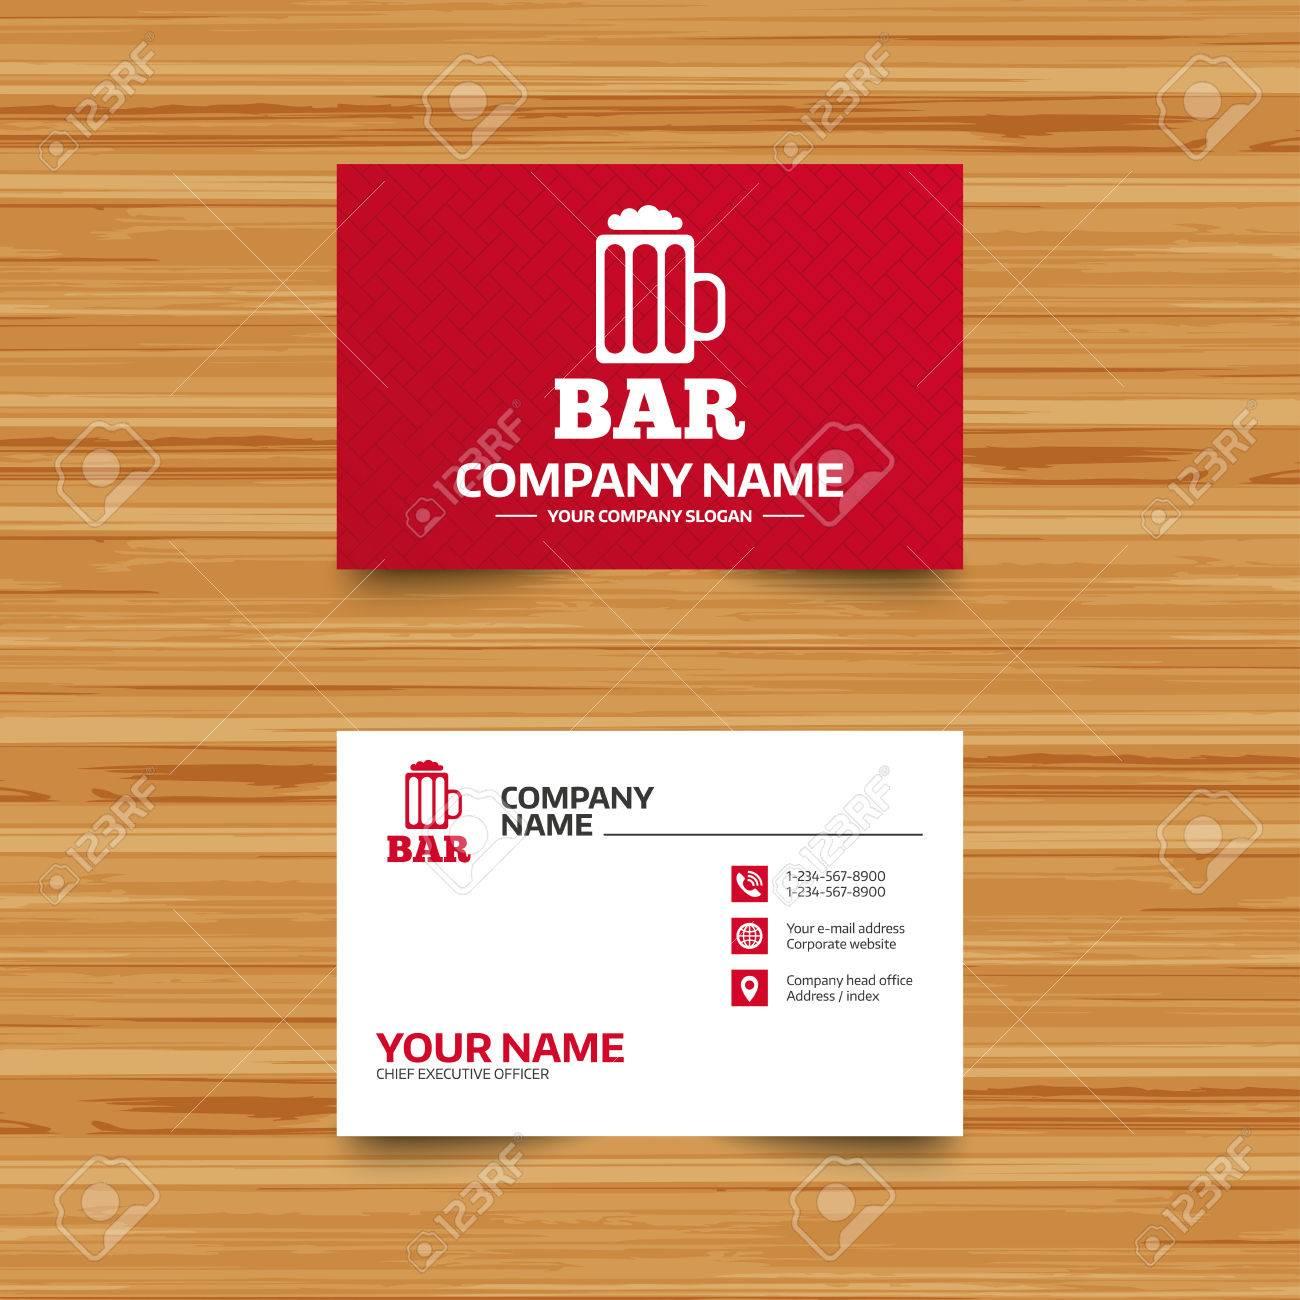 Modle De Carte Visite Bar Ou Signe Pub Icne Verre Symbole La Bire Alcool Boisson Tlphone Globe Et Pointer Des Icnes